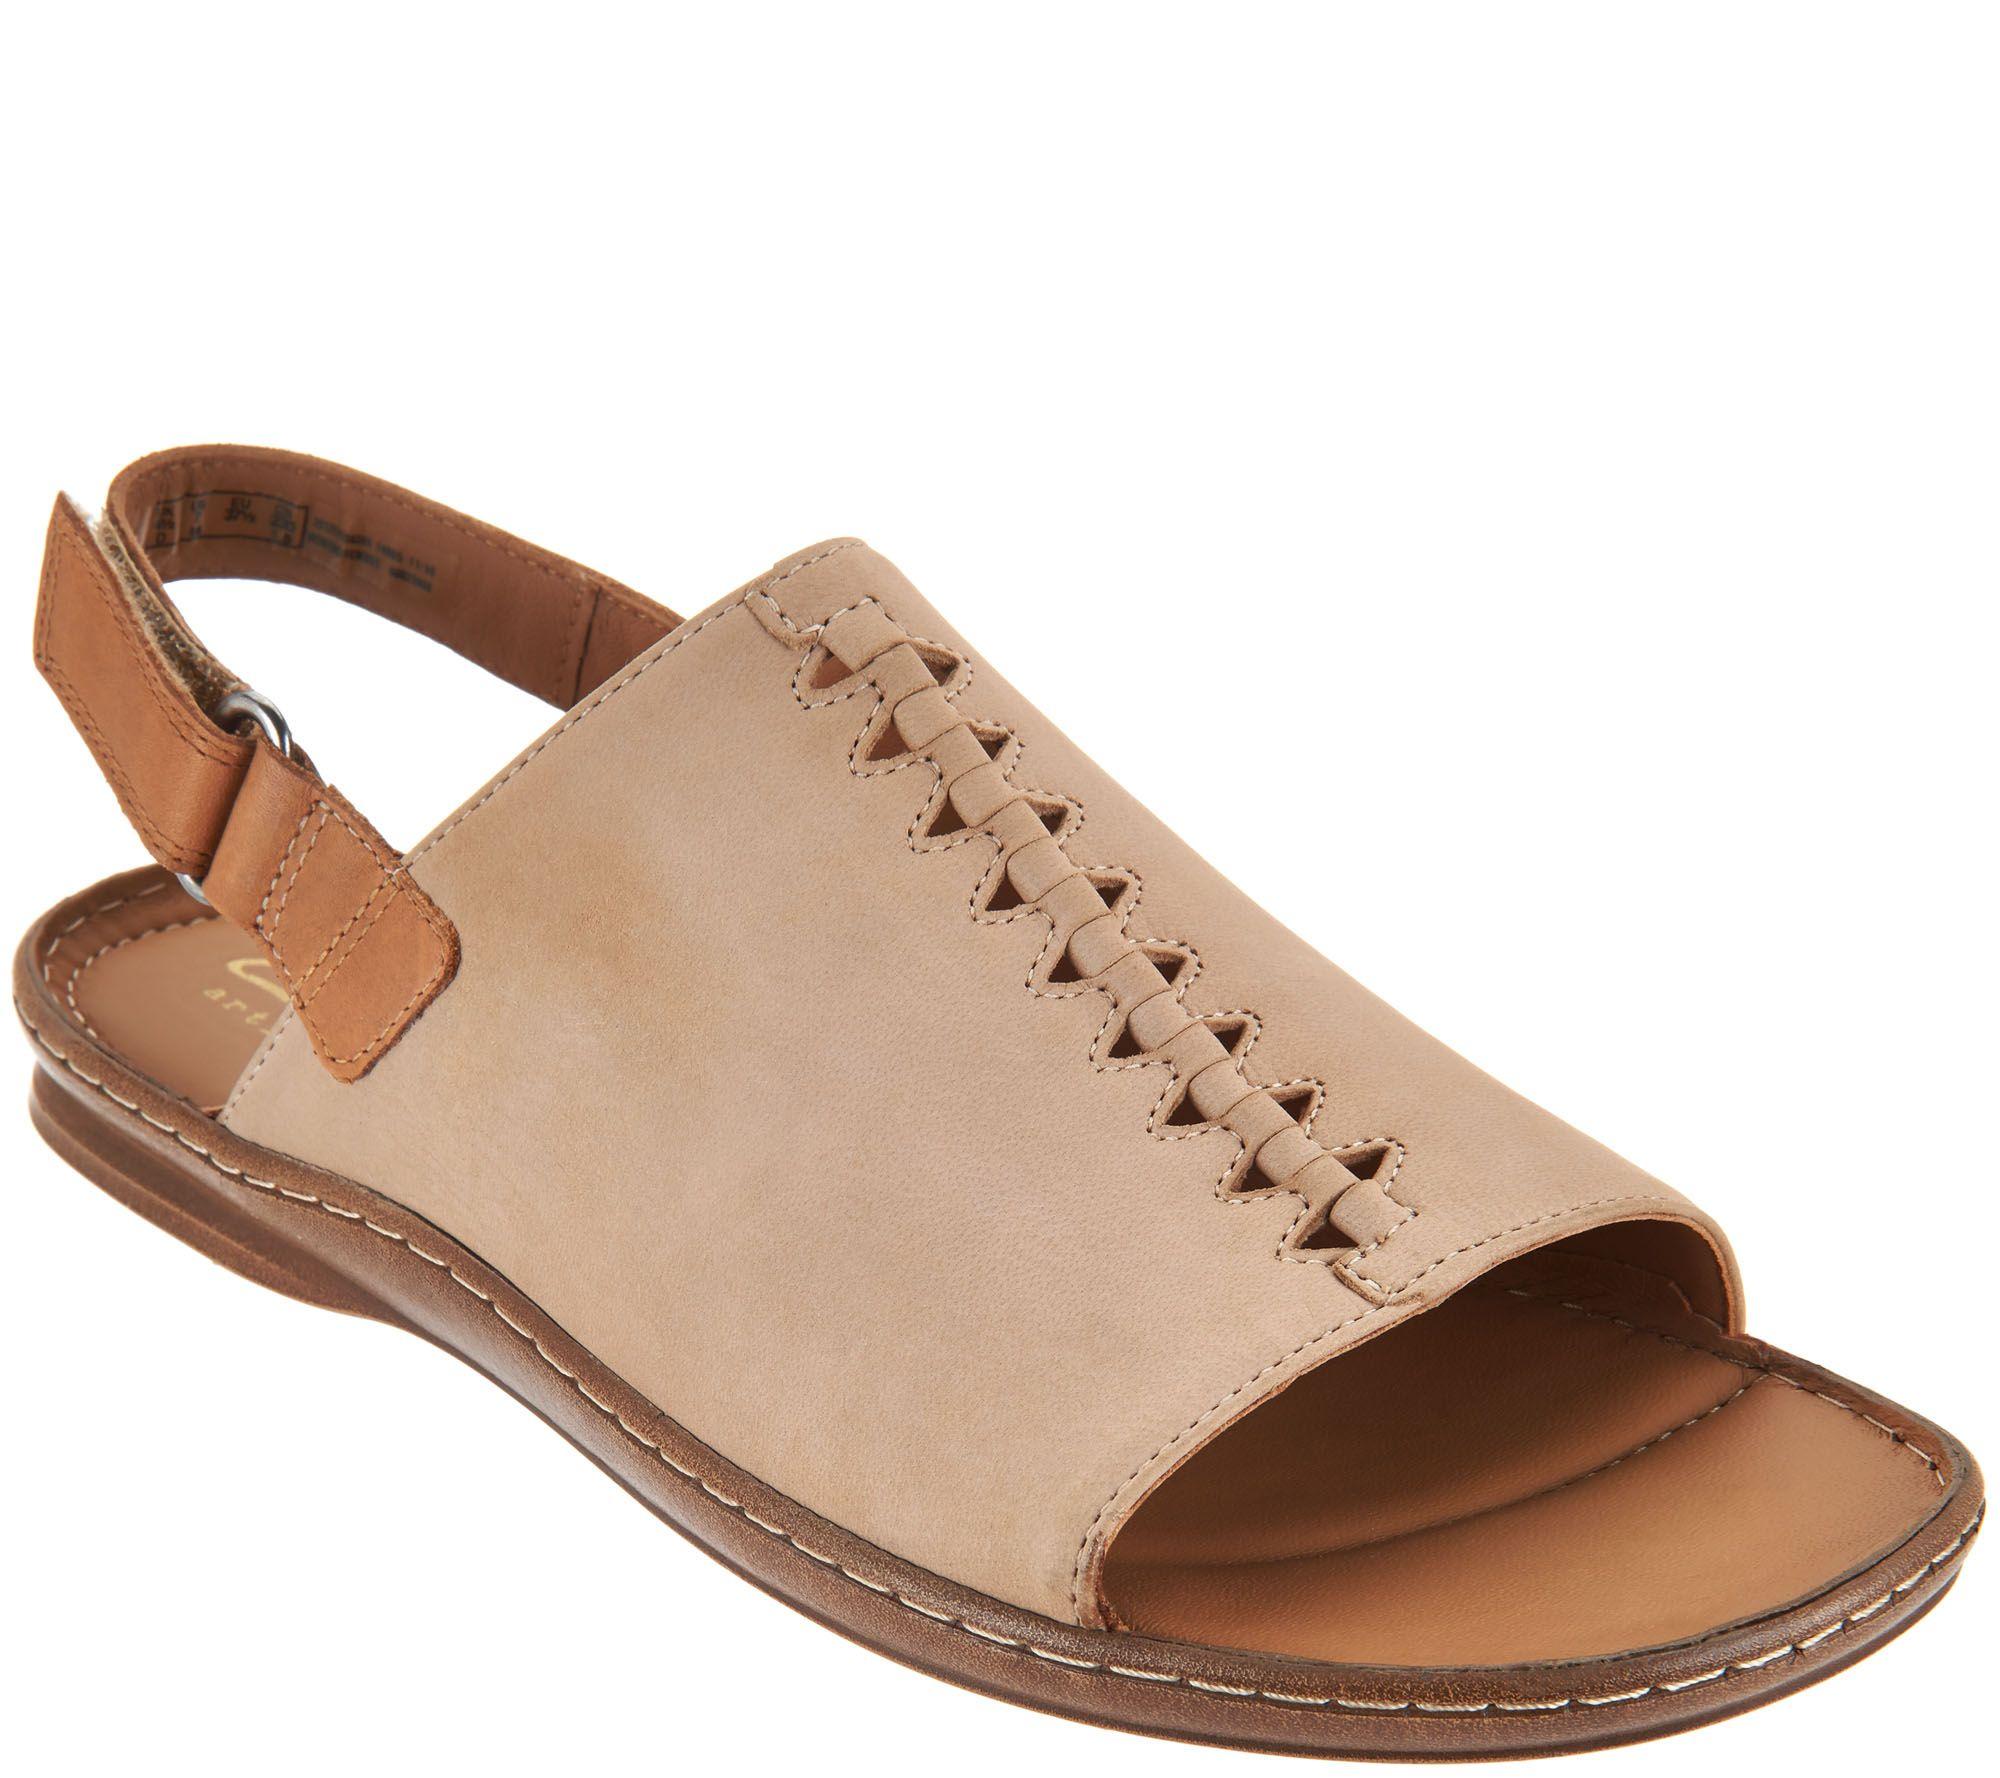 cc2ce3c32ce1 Clarks Leather Sandals w  Ankle Strap - Sarla Forte - Page 1 — QVC.com